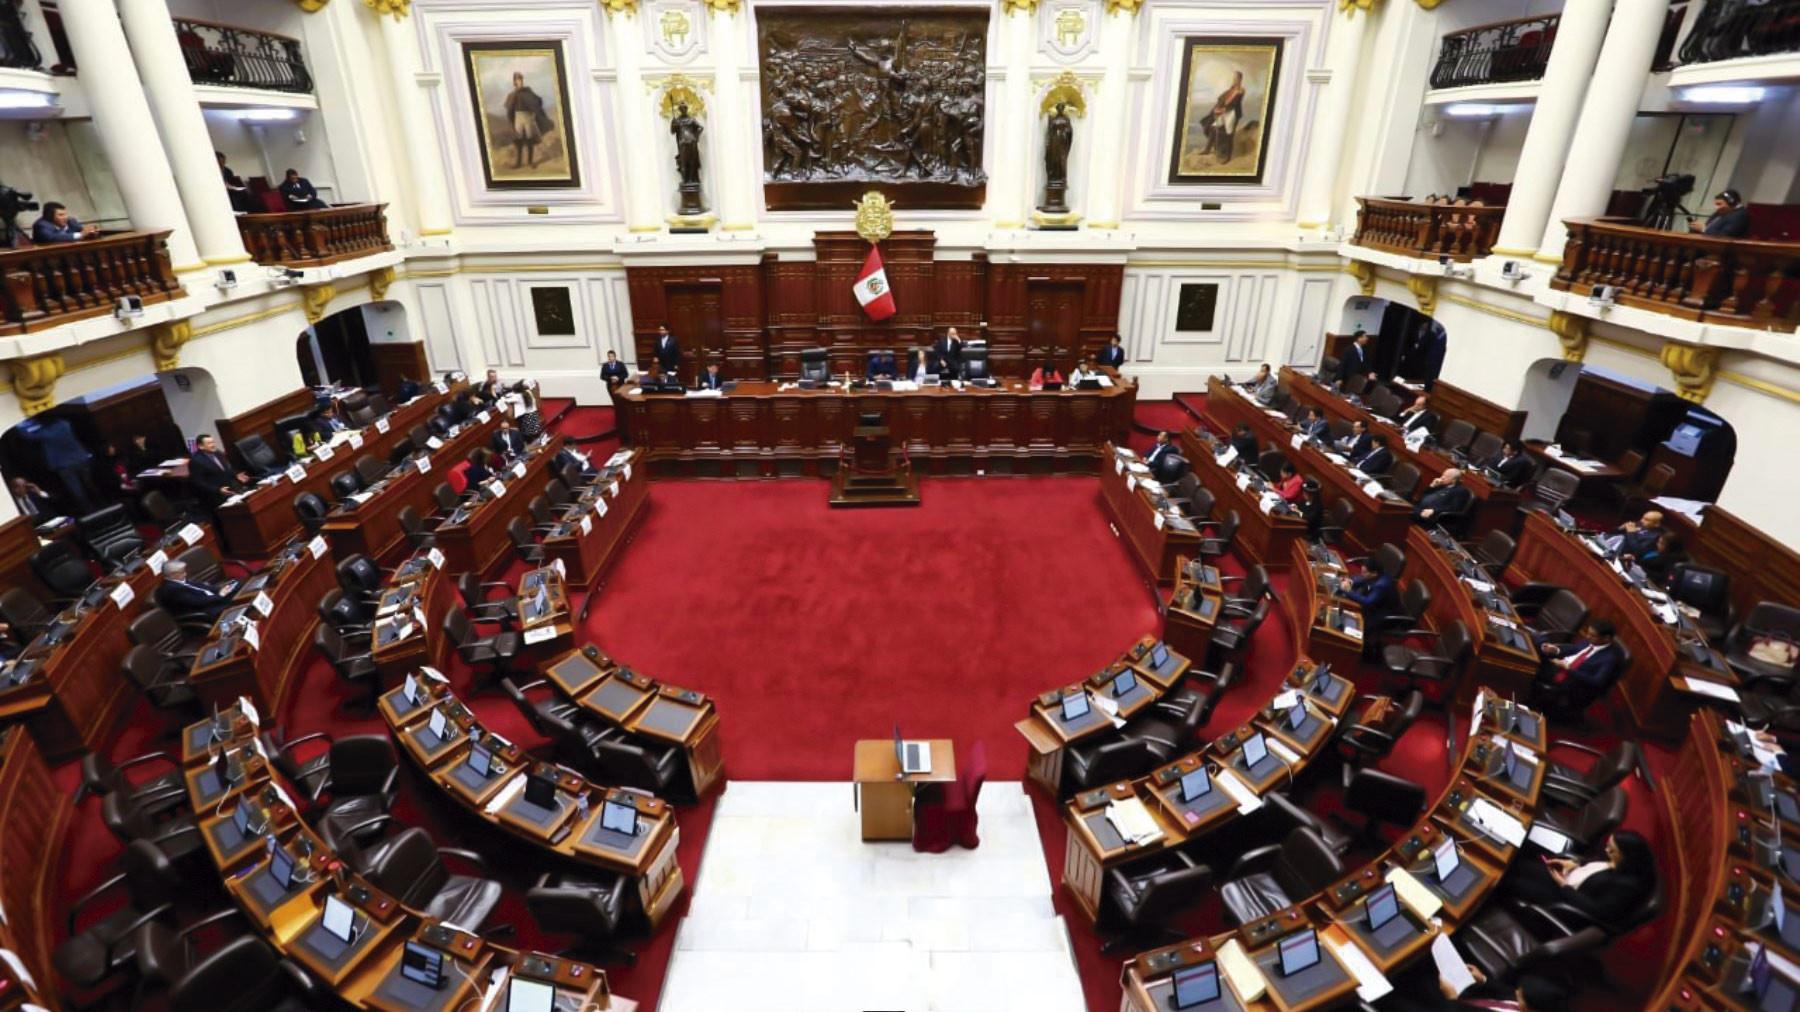 elecciones-2021-ni-pedro-castillo-ni-keiko-fujimori-tienen-garantias-solidas-para-la-gobernabilidad